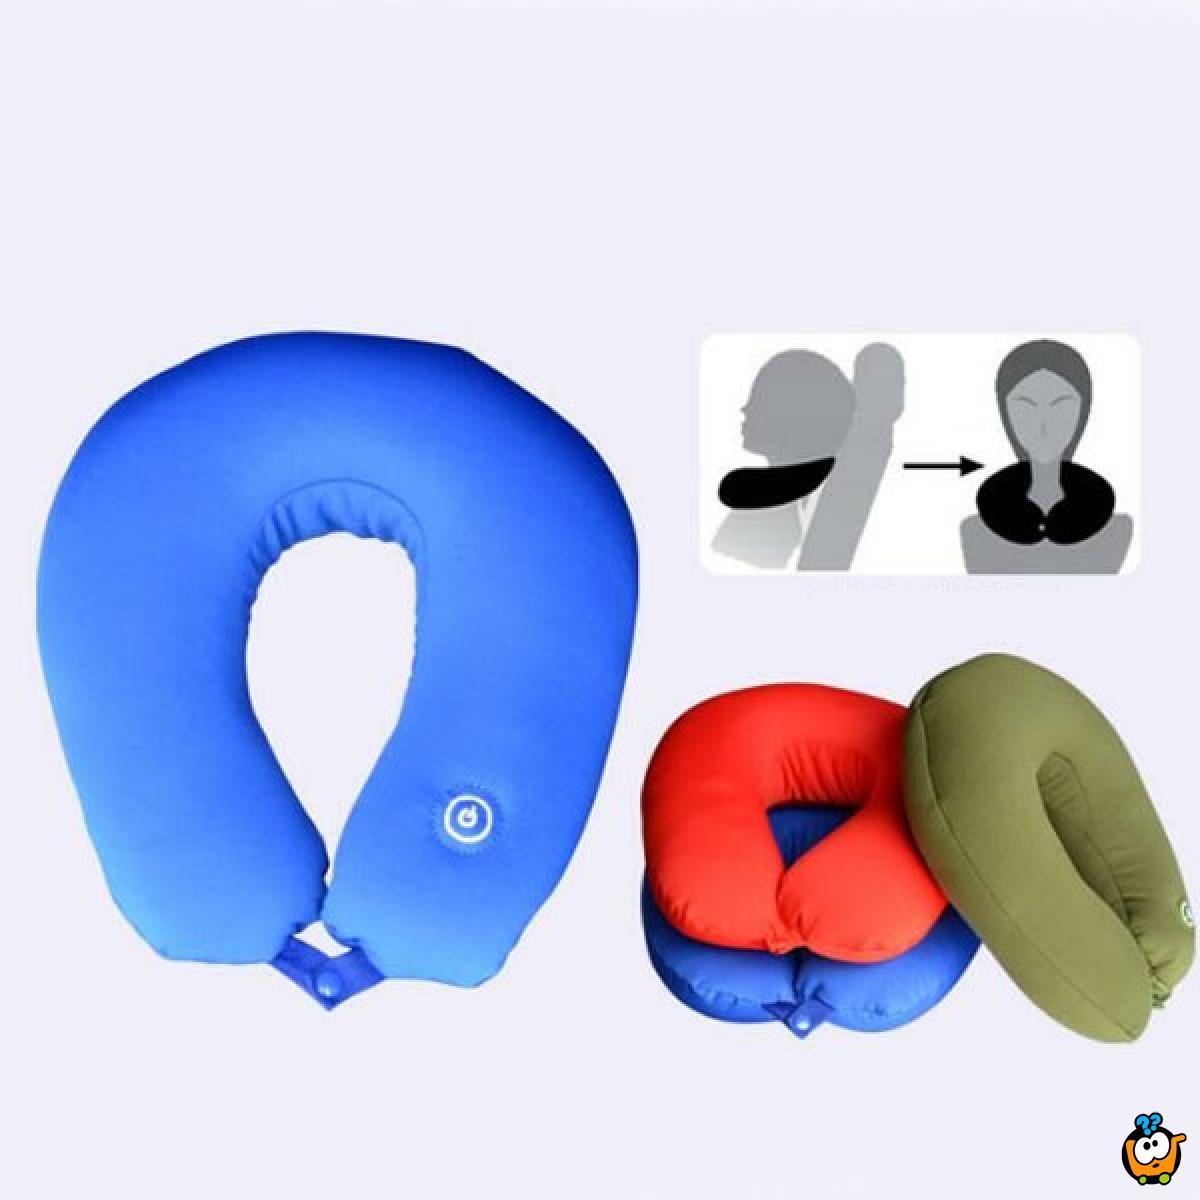 Vibracioni jastuk za vrat - za relaksaciju ili udobno putovanje